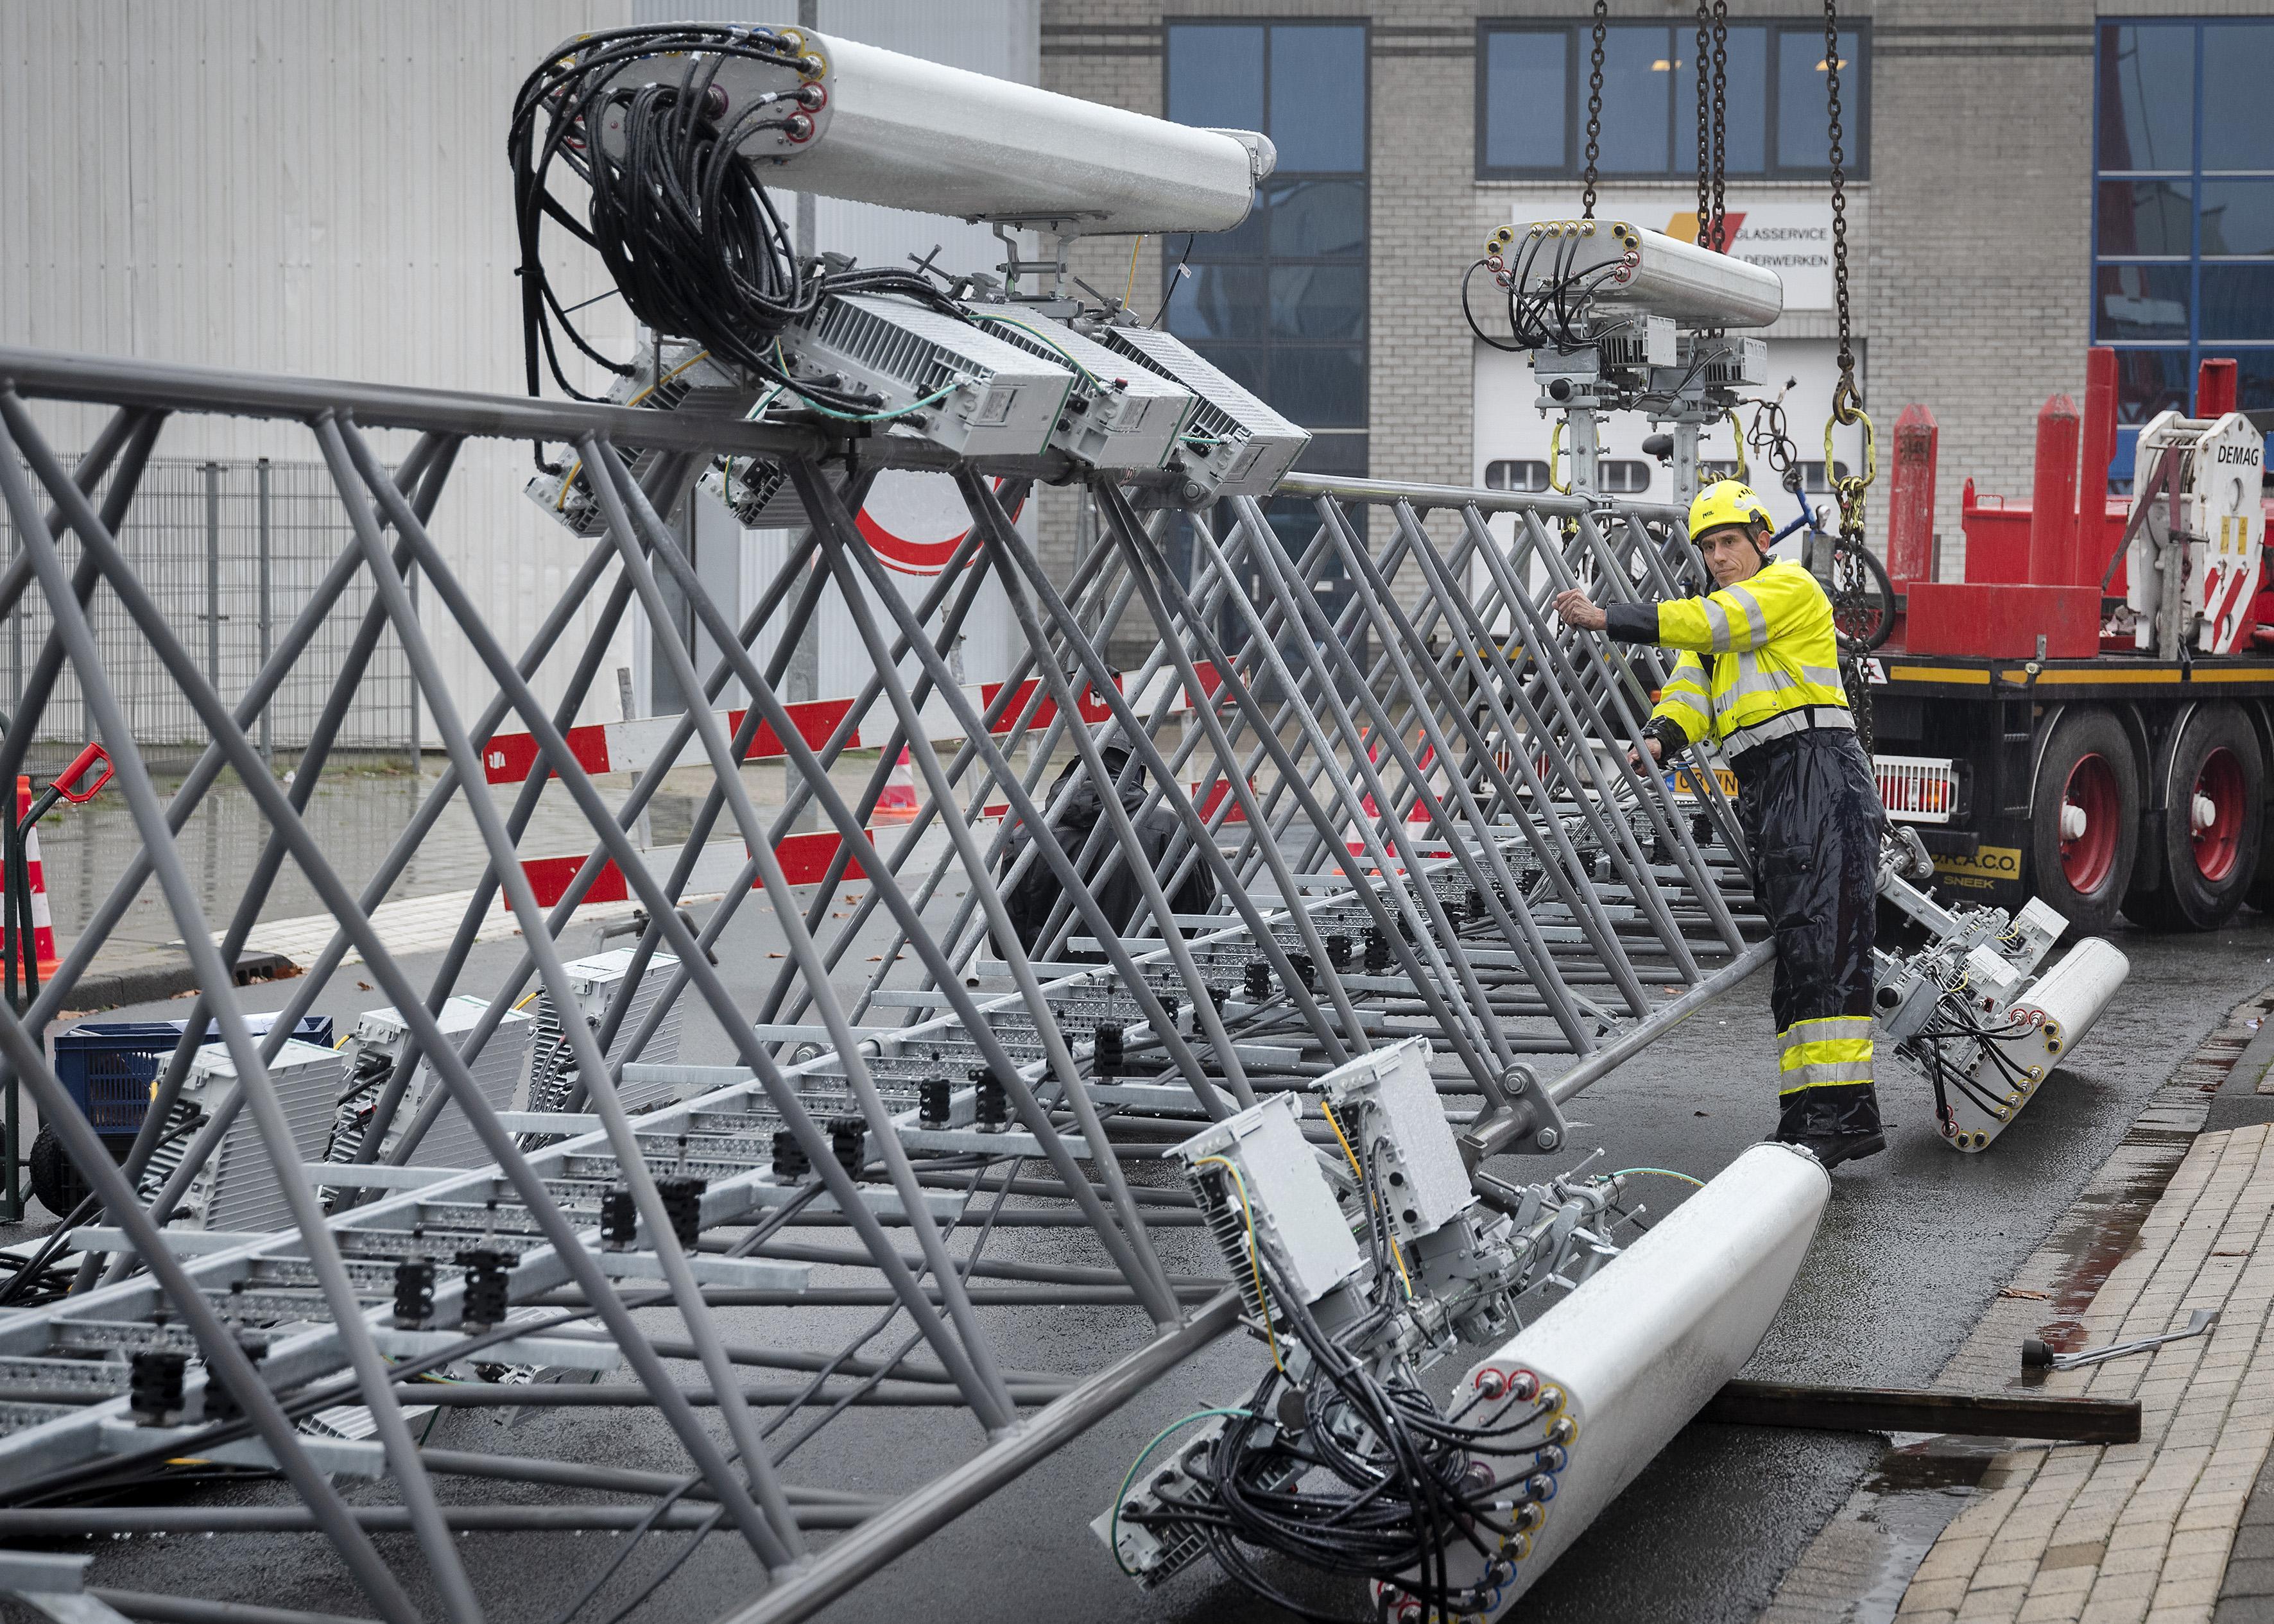 Schrik om hoge zendmast in Haarlemse Waarderpolder: Werknemers aan Emrikweg onaangenaam verrast door tijdelijk bouwwerk